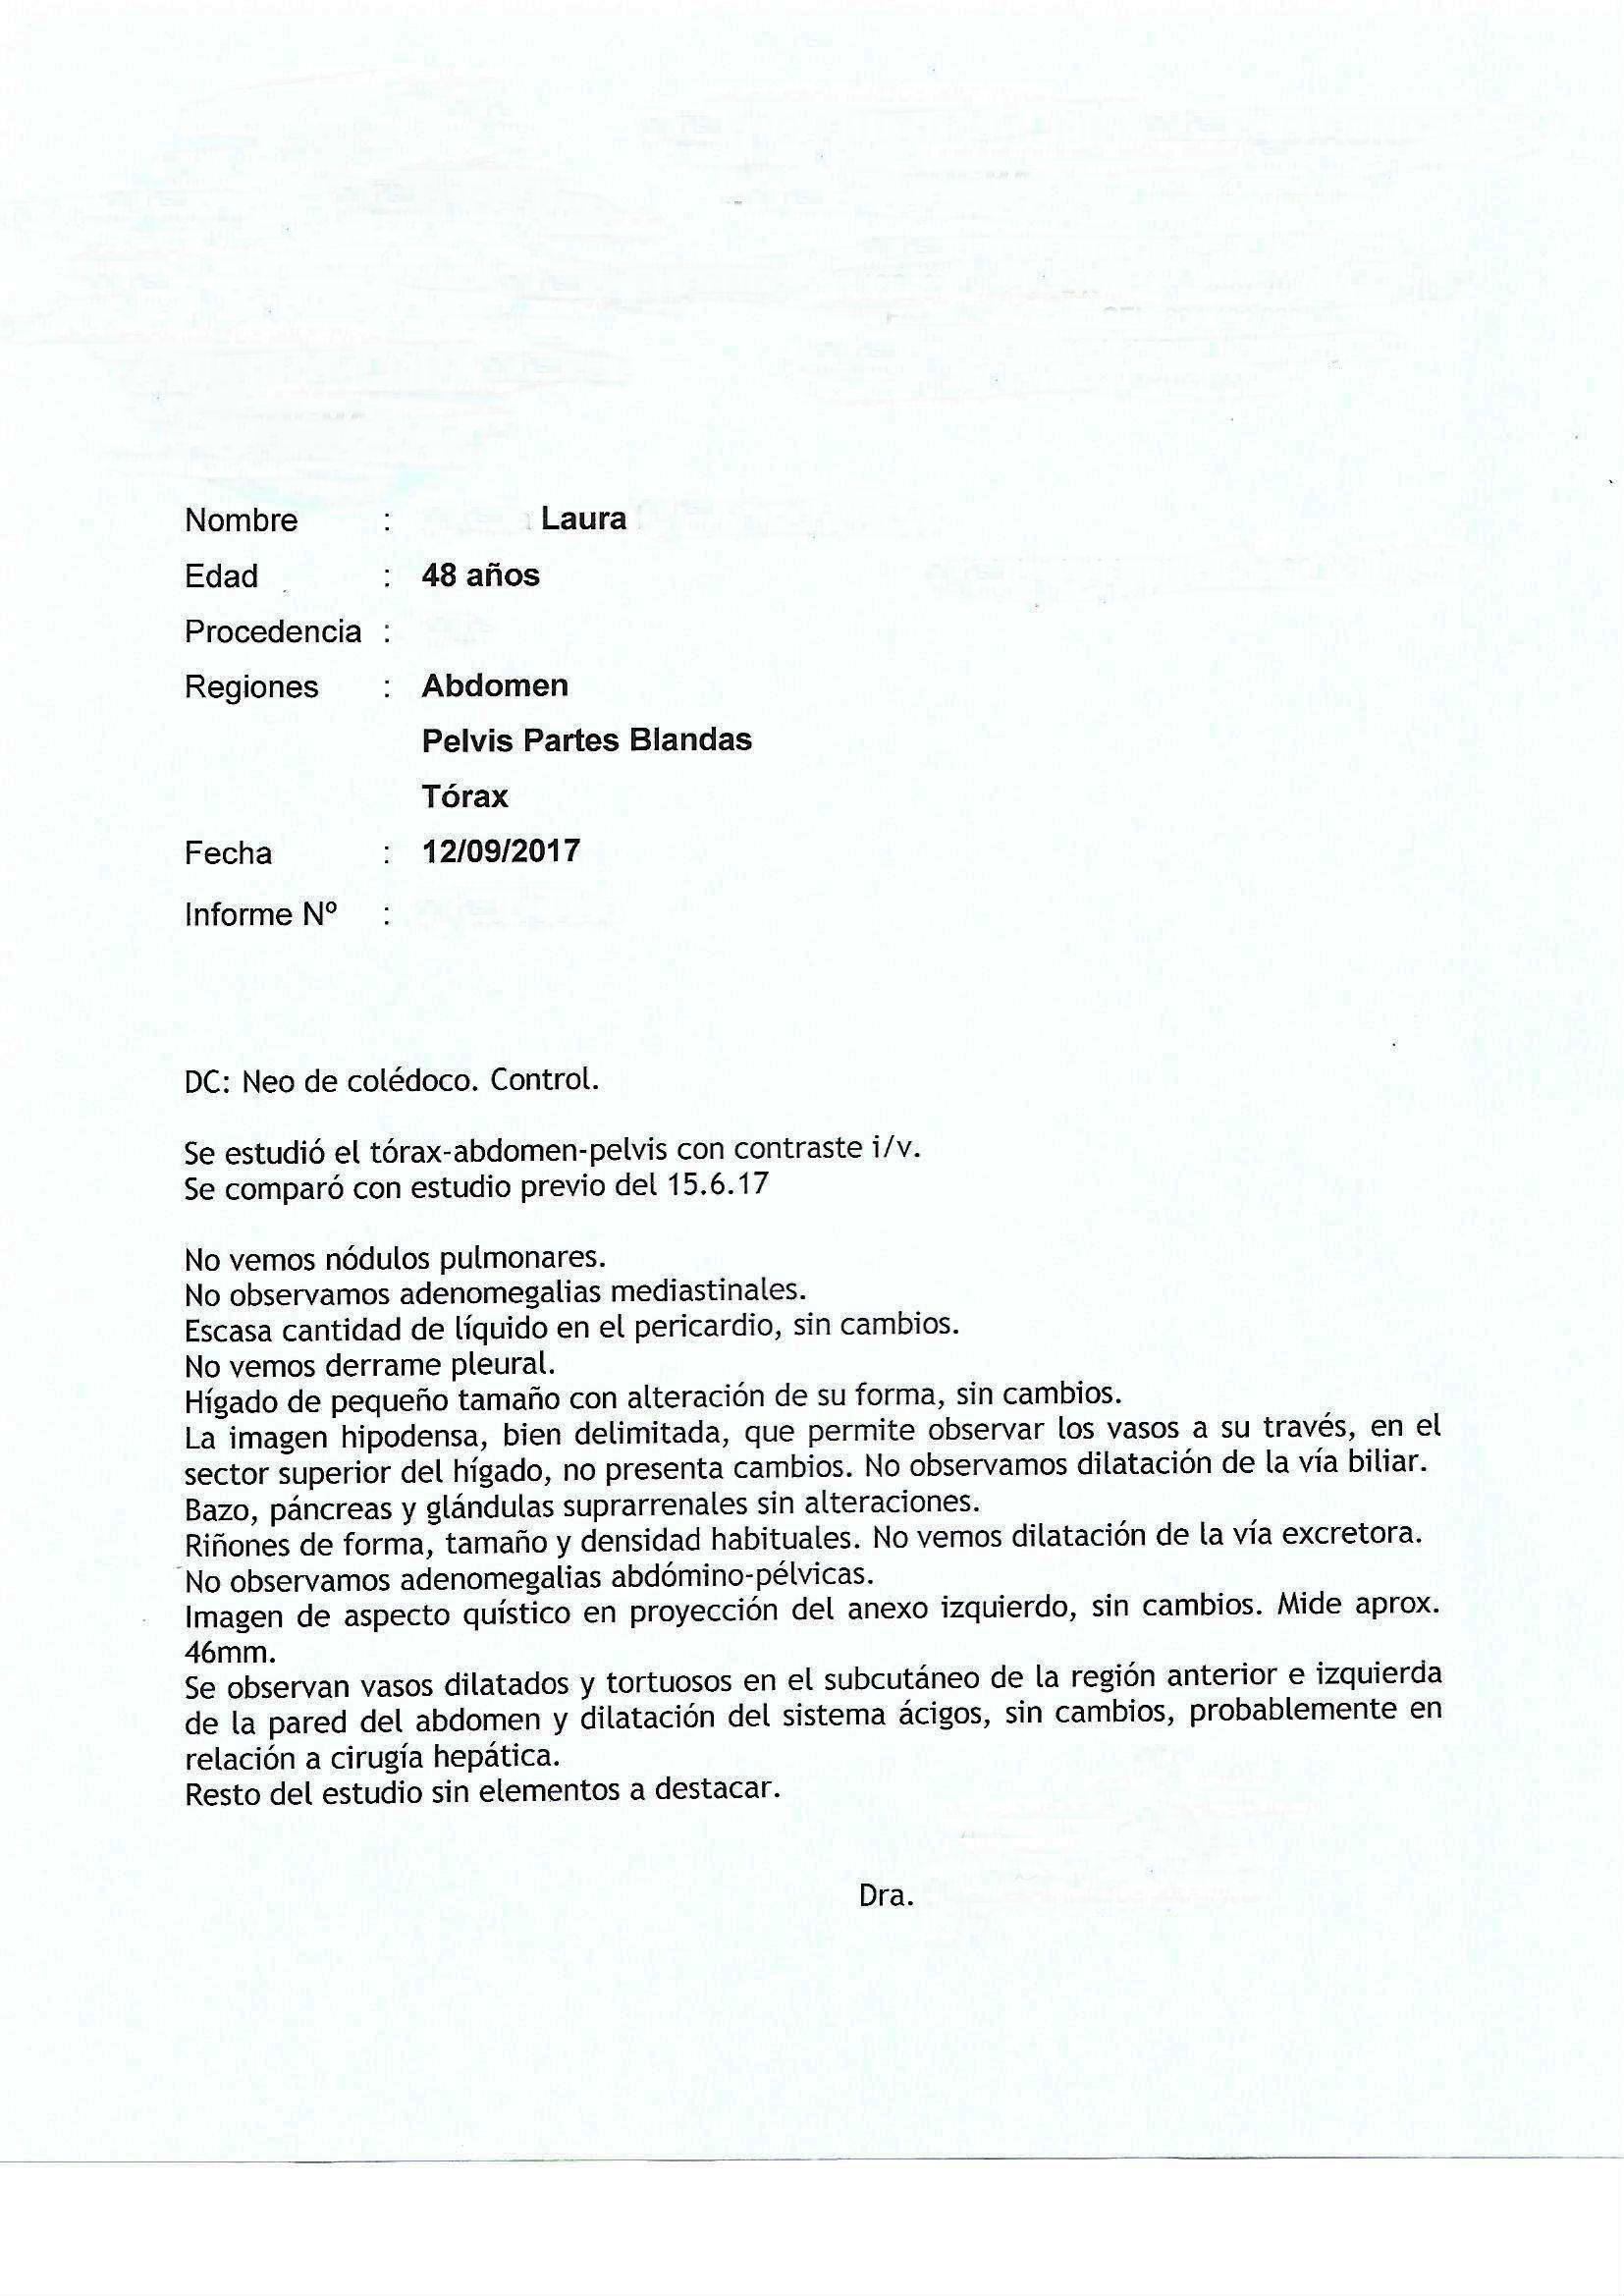 LifEscozul® - Laura 2 - Cáncer de Hígado